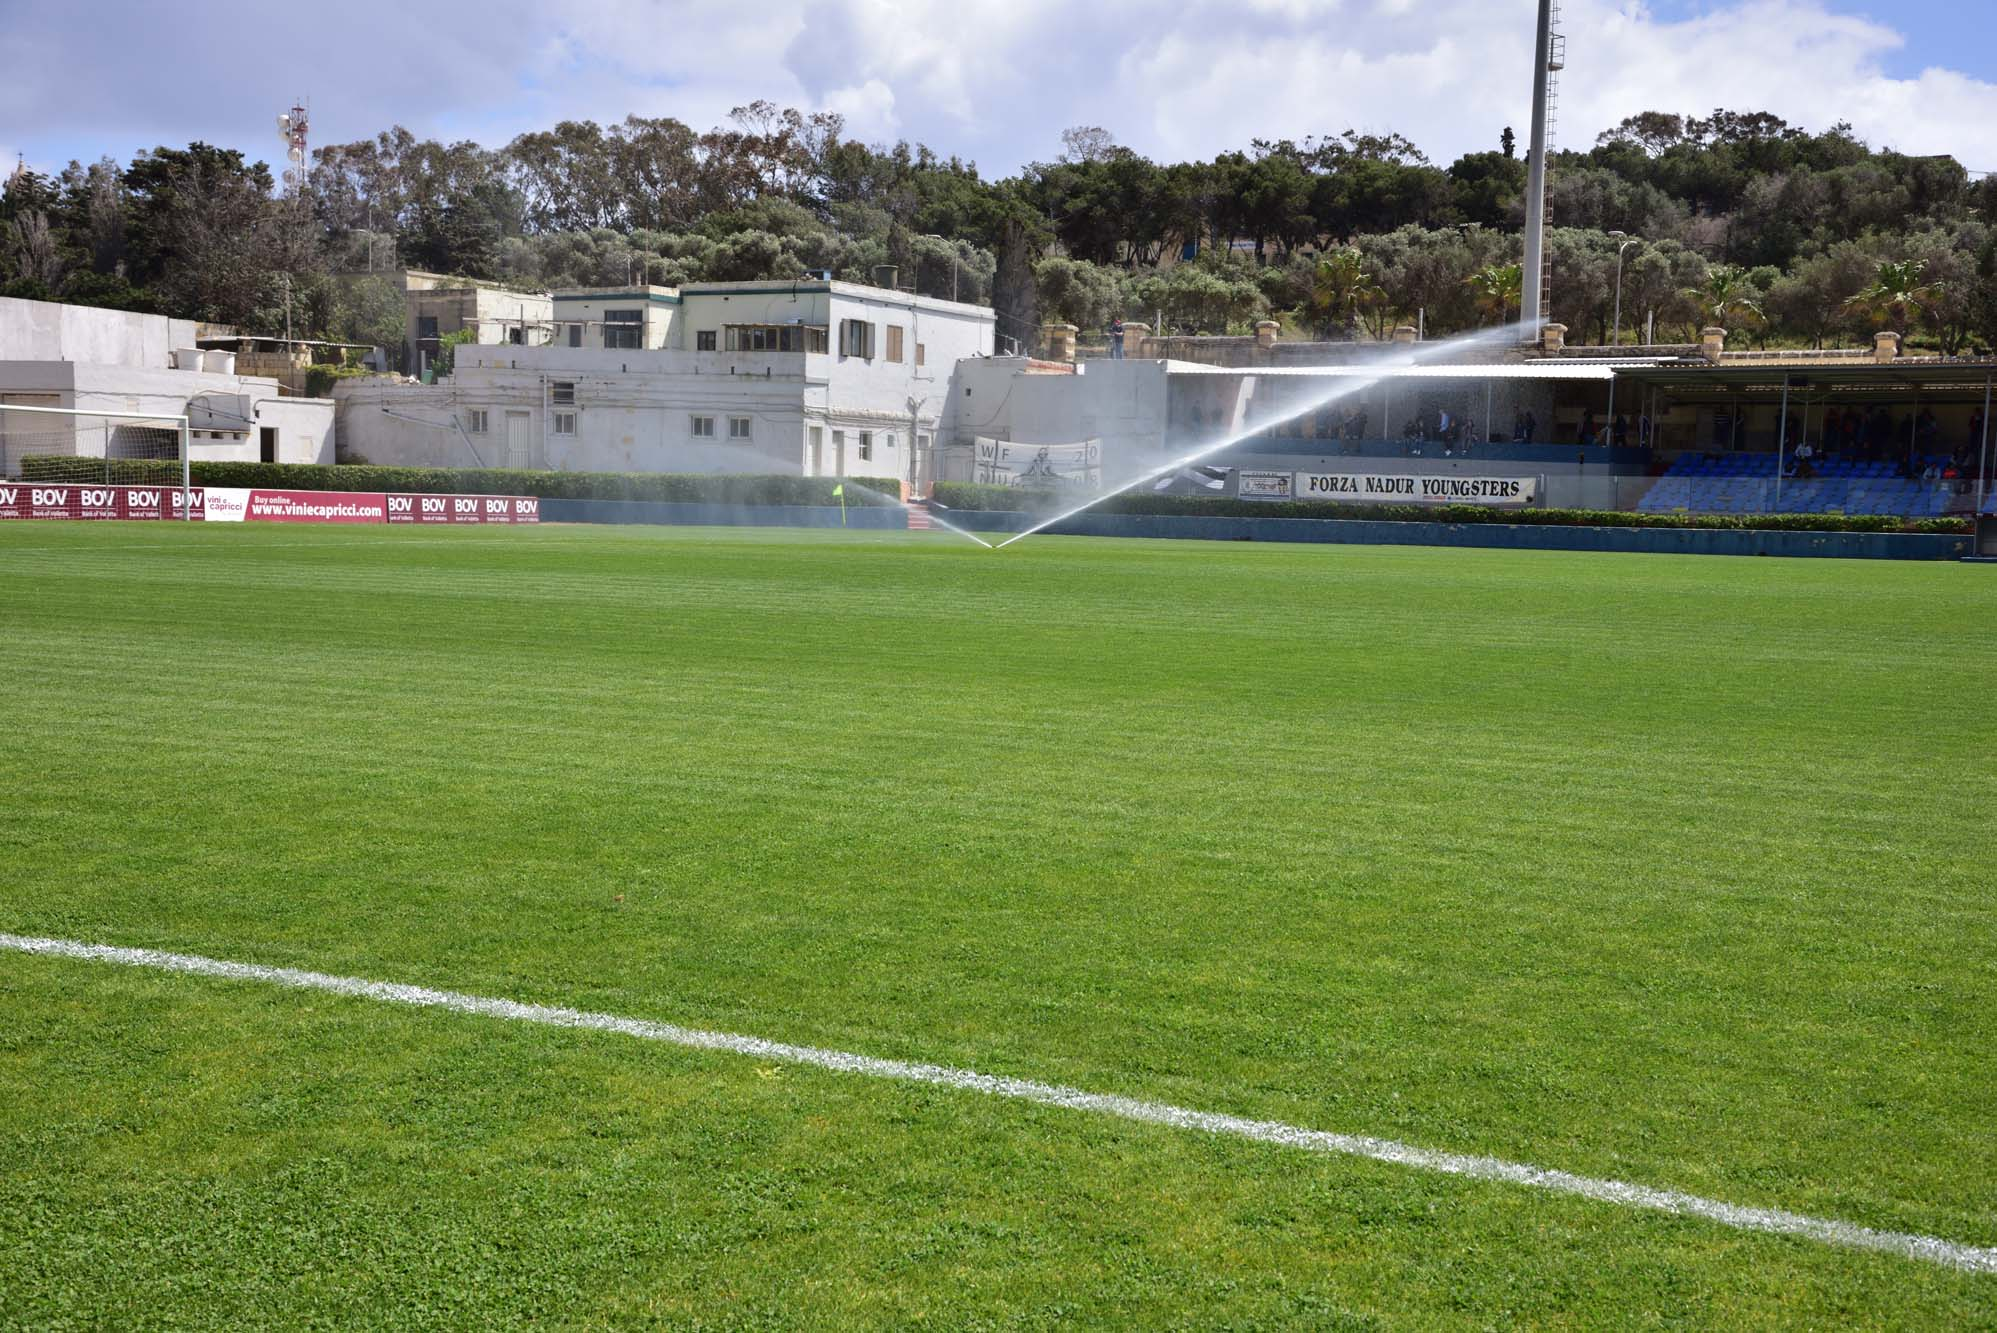 Gozo Football Stadium turf being watered